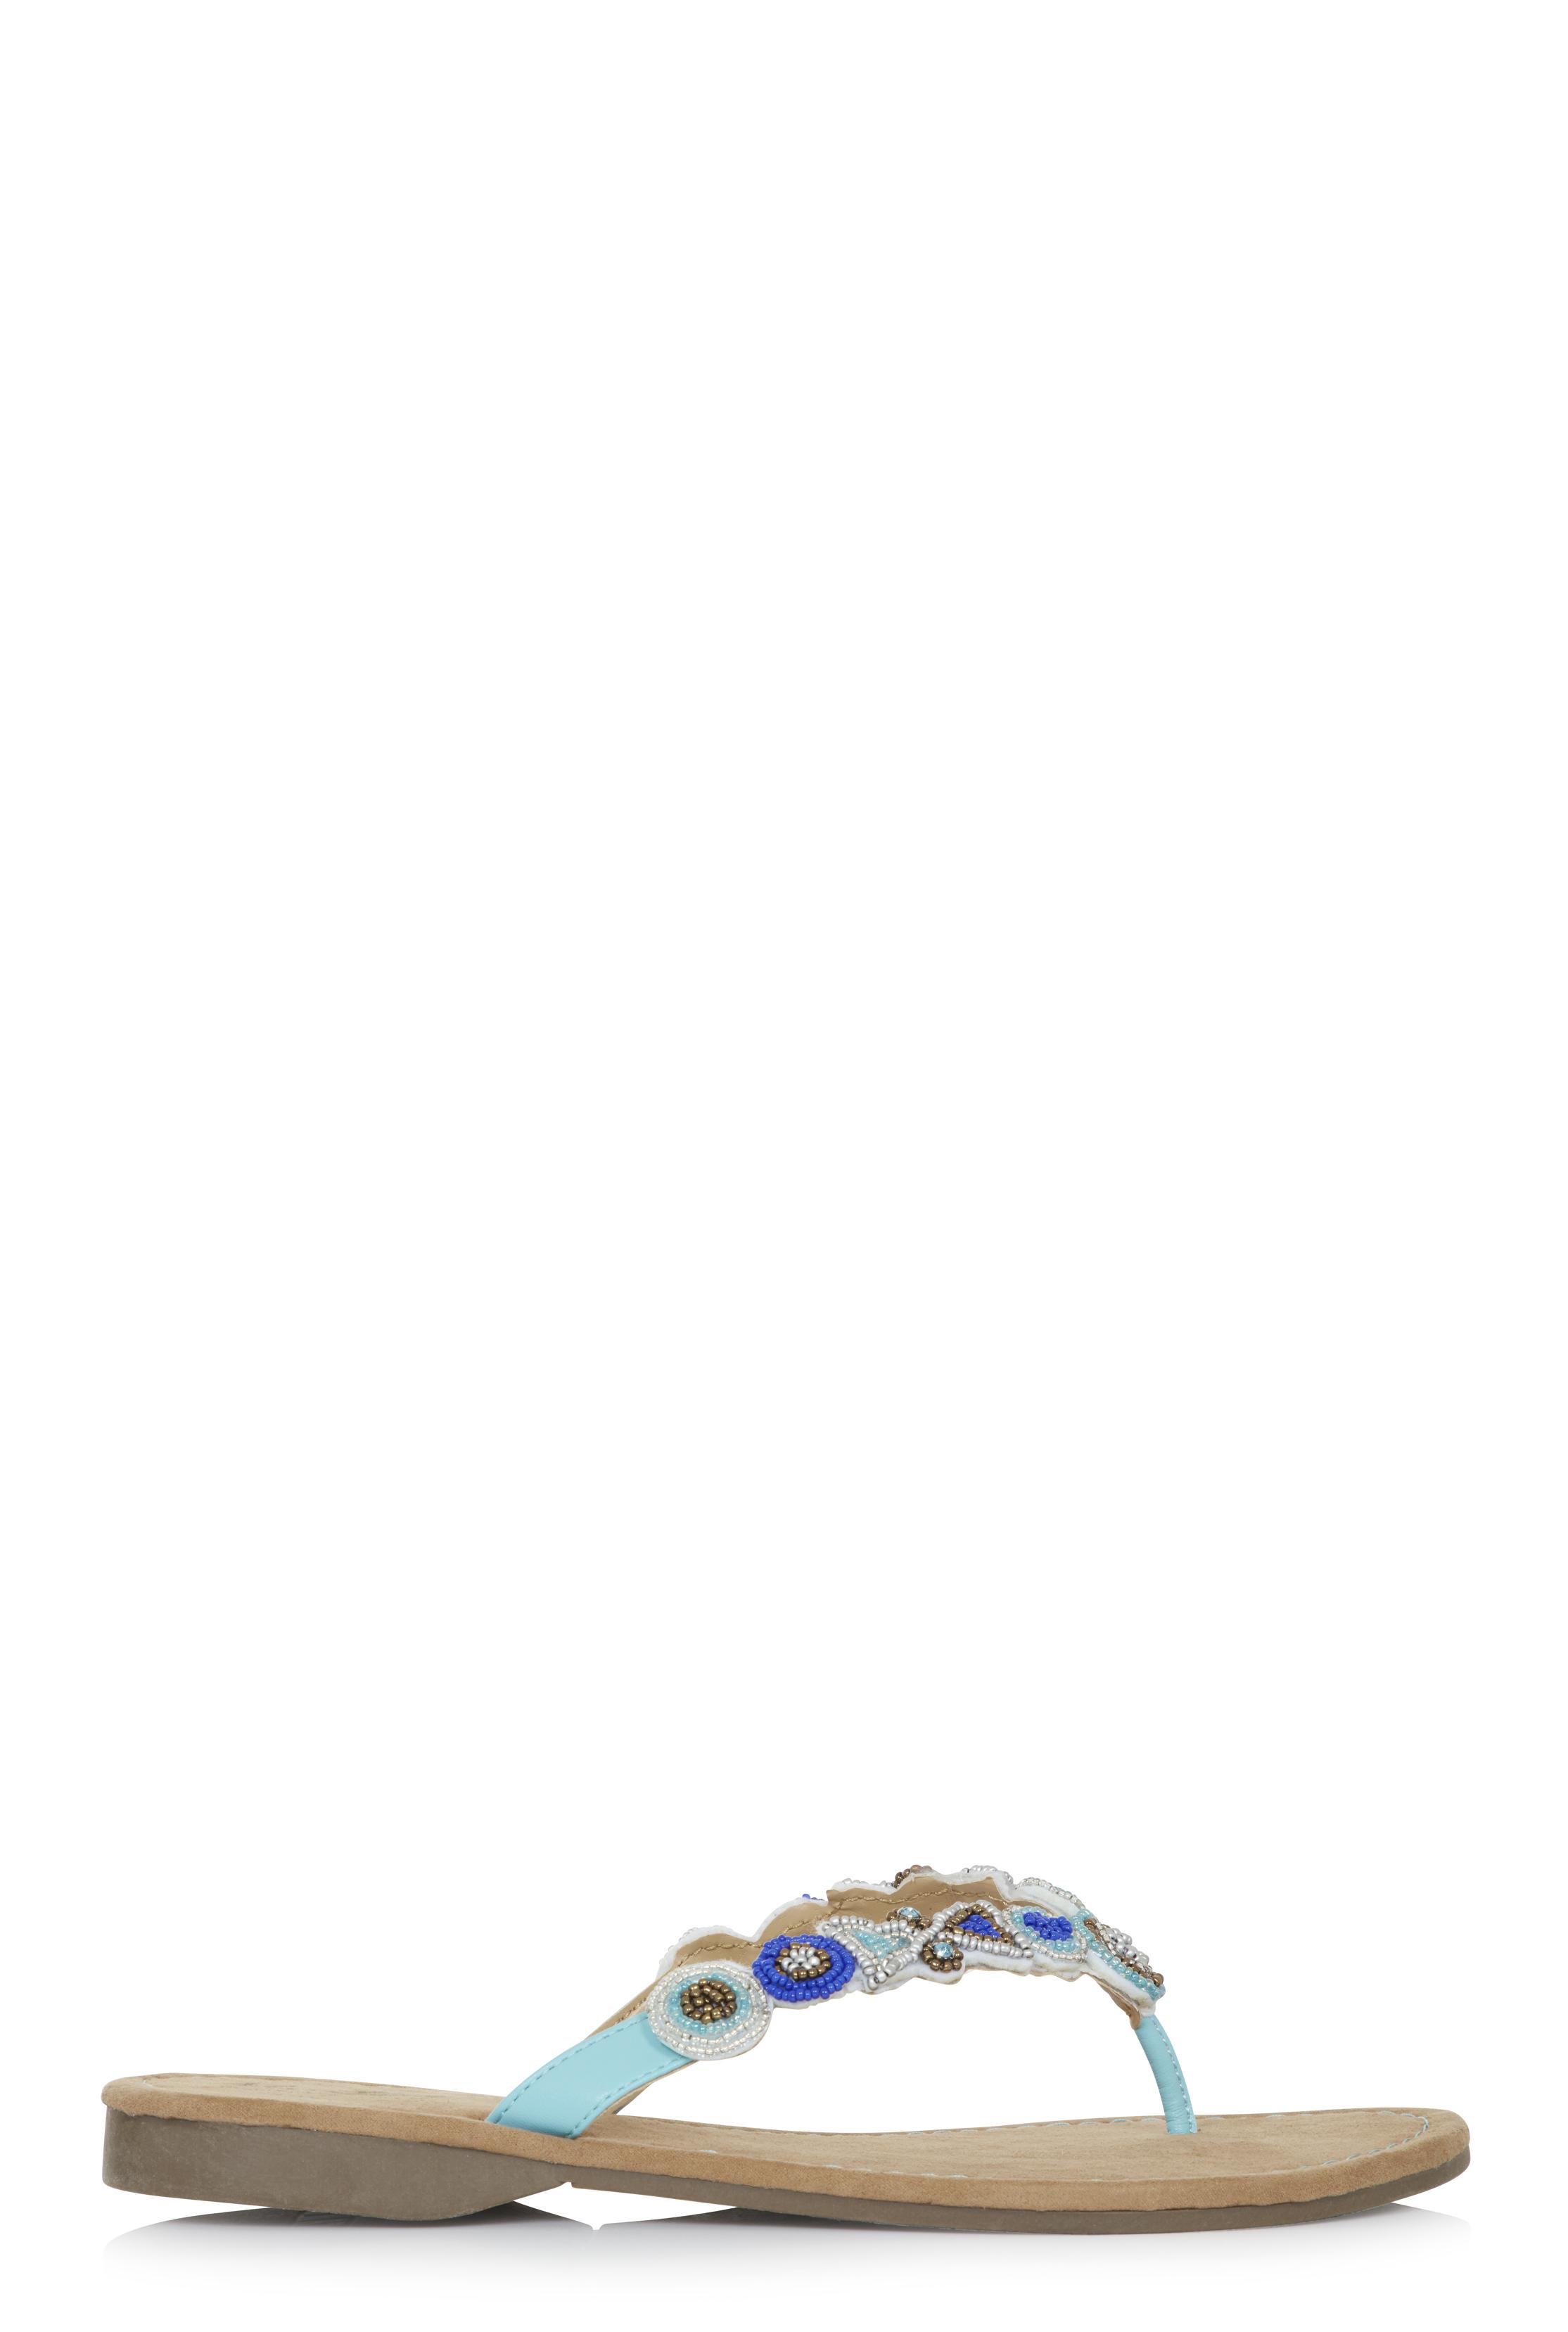 Blue Mustang Beaded Sandal_1.jpg